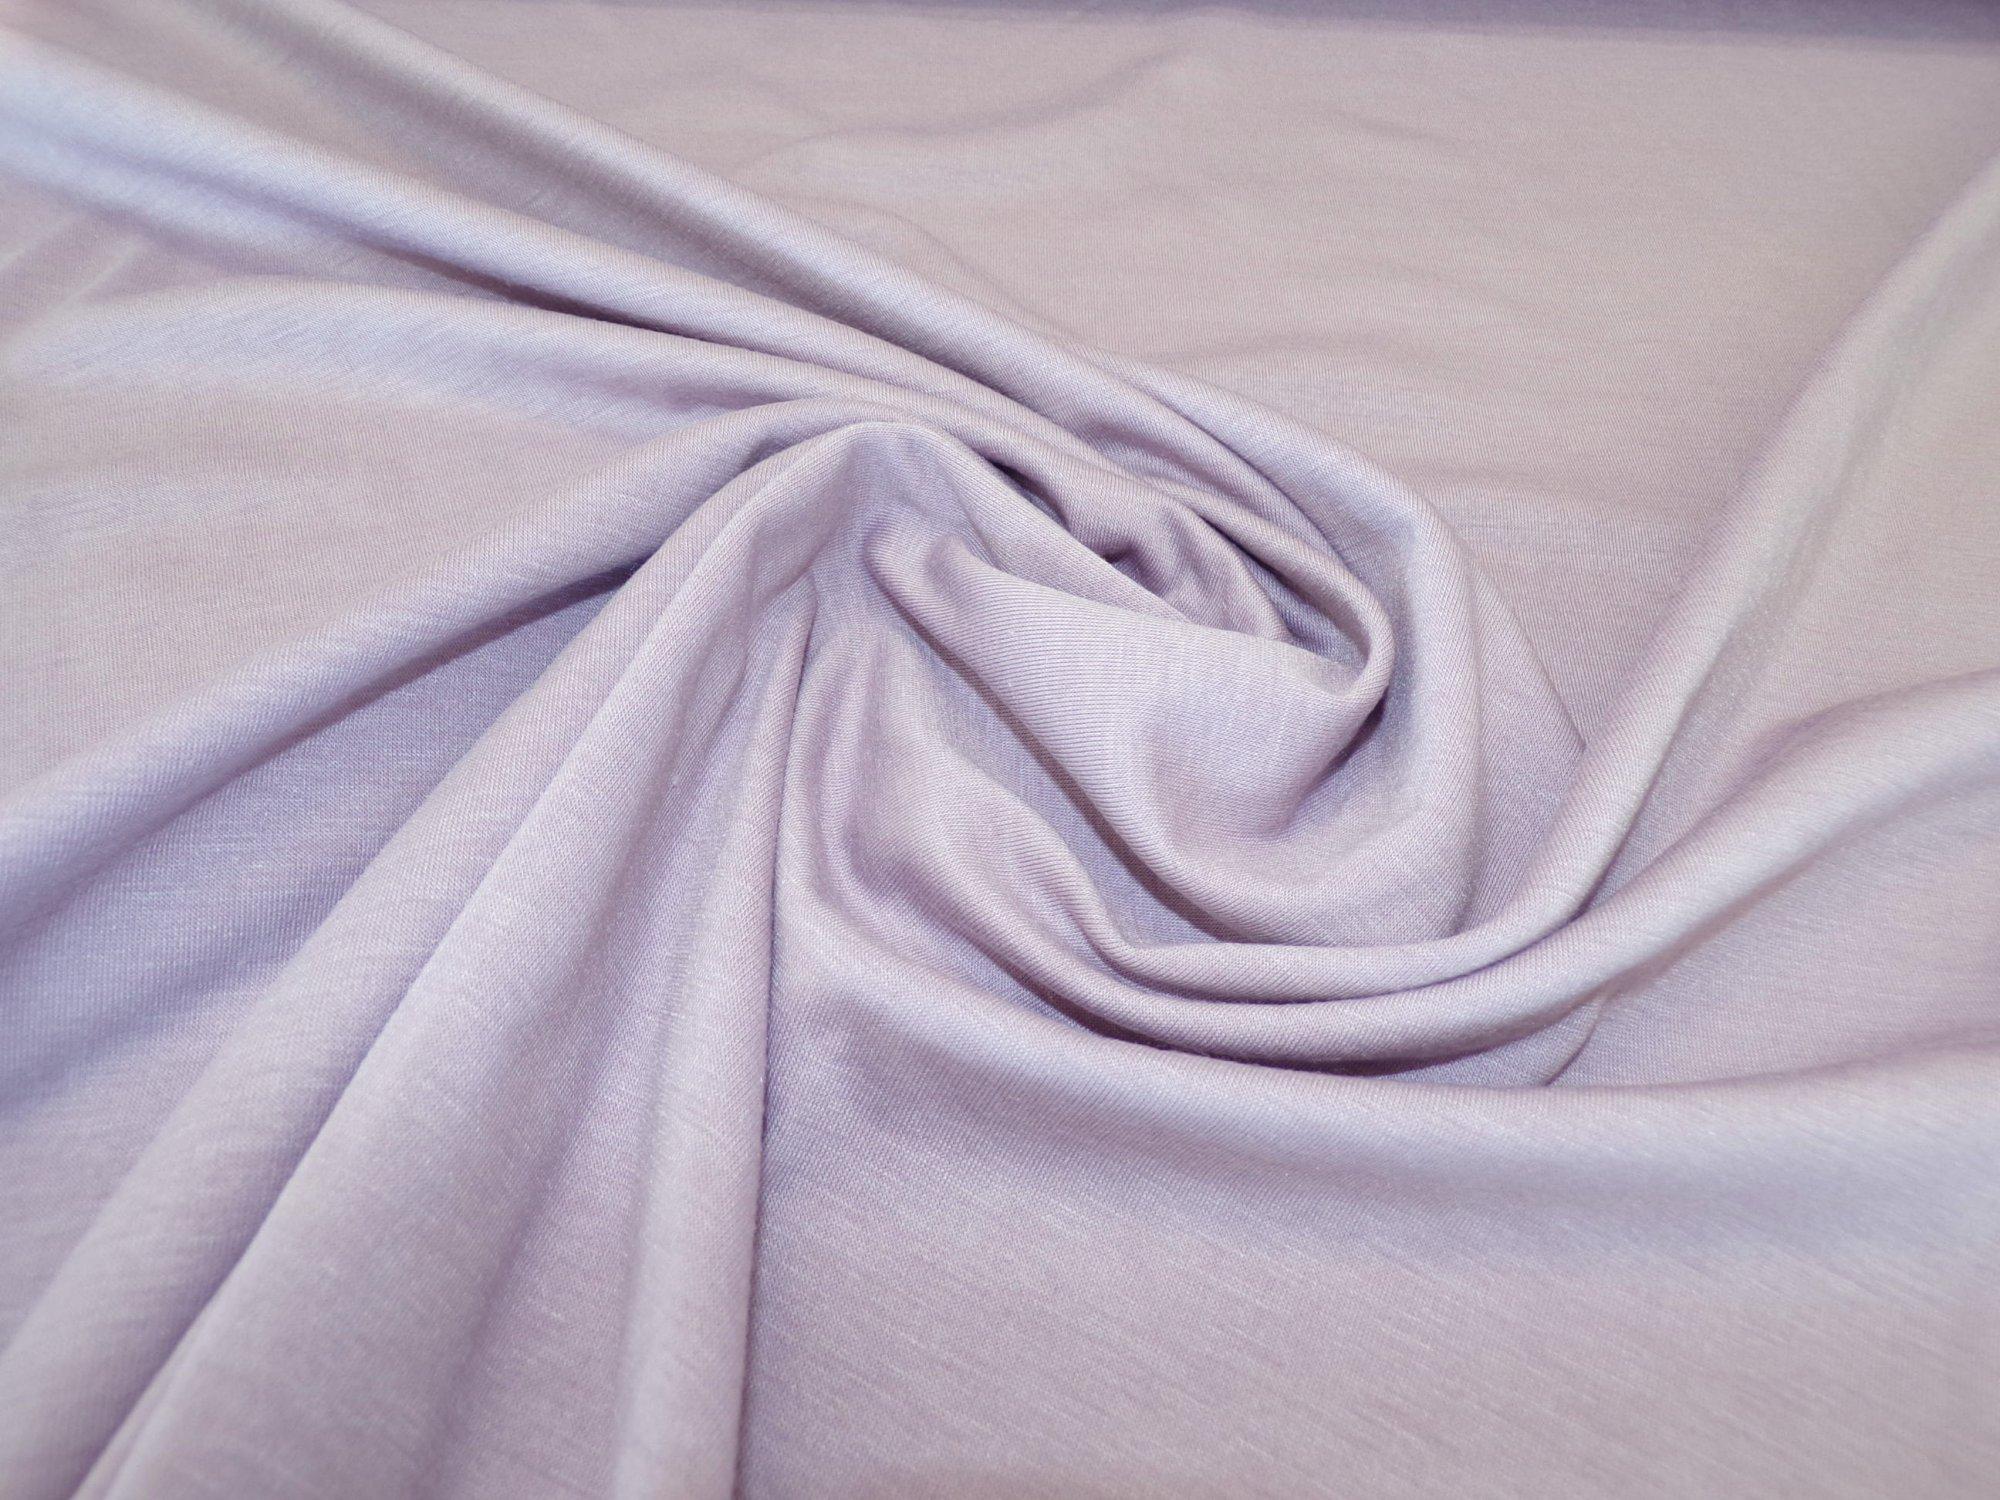 Cotton Rayon Jersey - Lavender